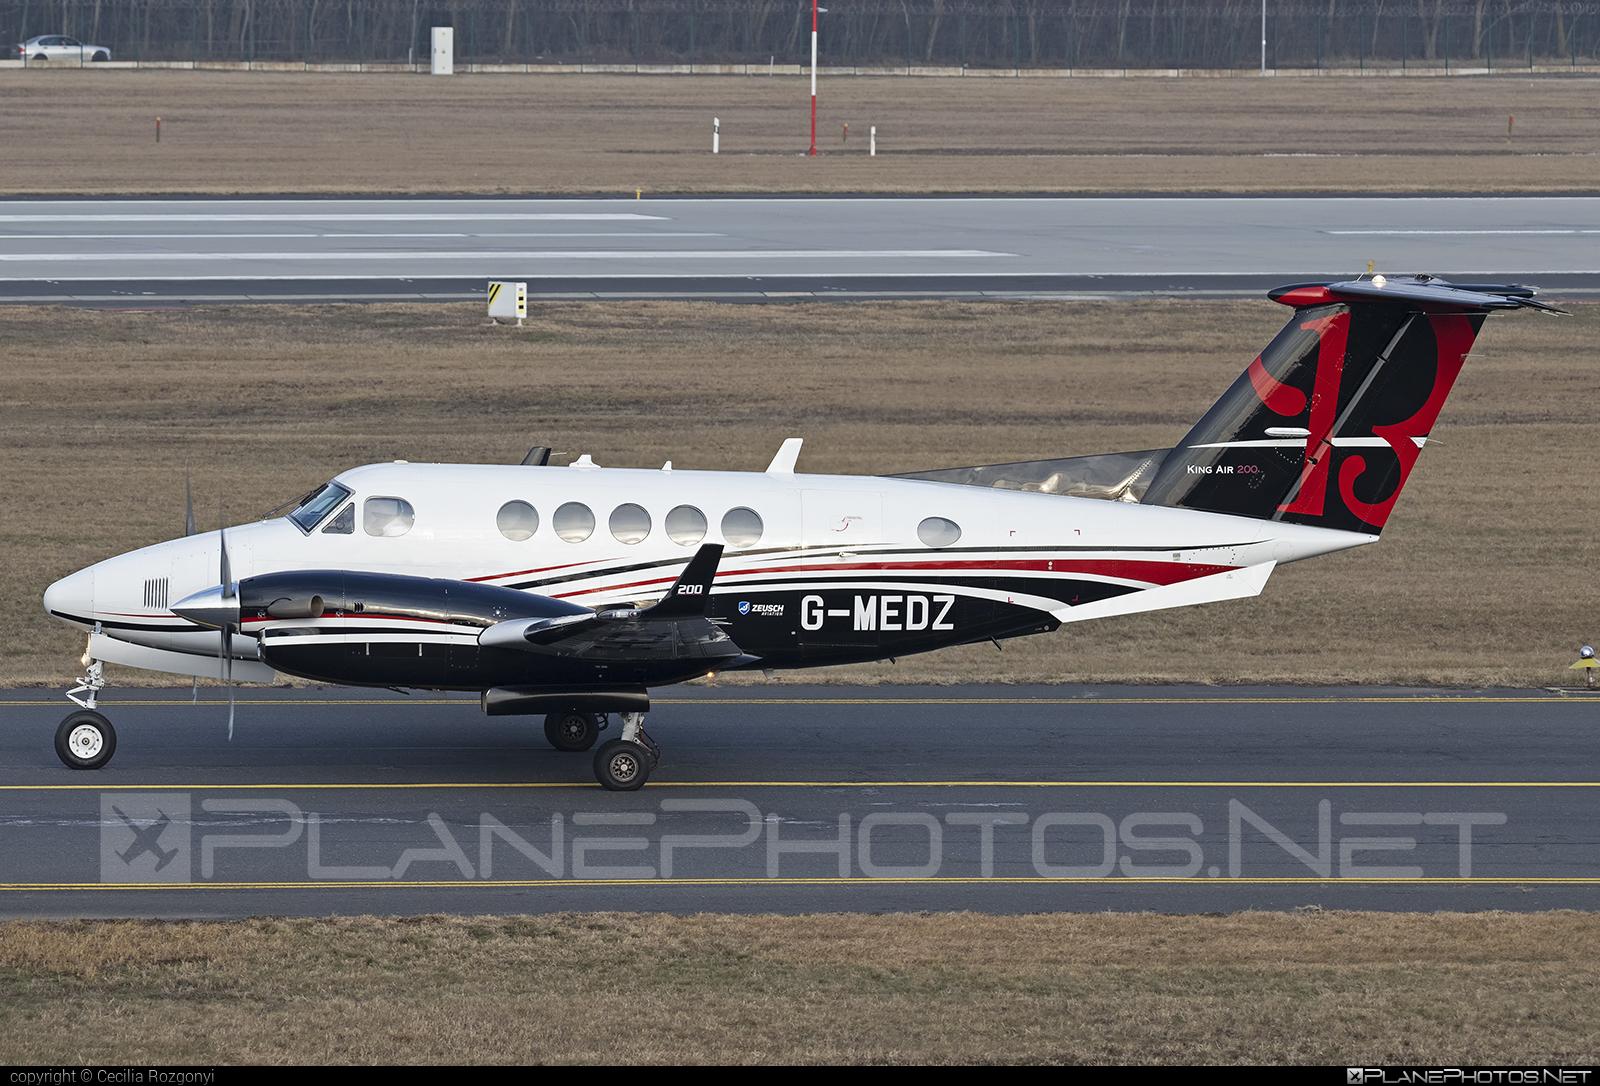 Zeusch Aviation Beechcraft King Air 200 - G-MEDZ #beechb200 #beechcraft #beechcraftb200 #kingair #kingair200 #zeuschaviation